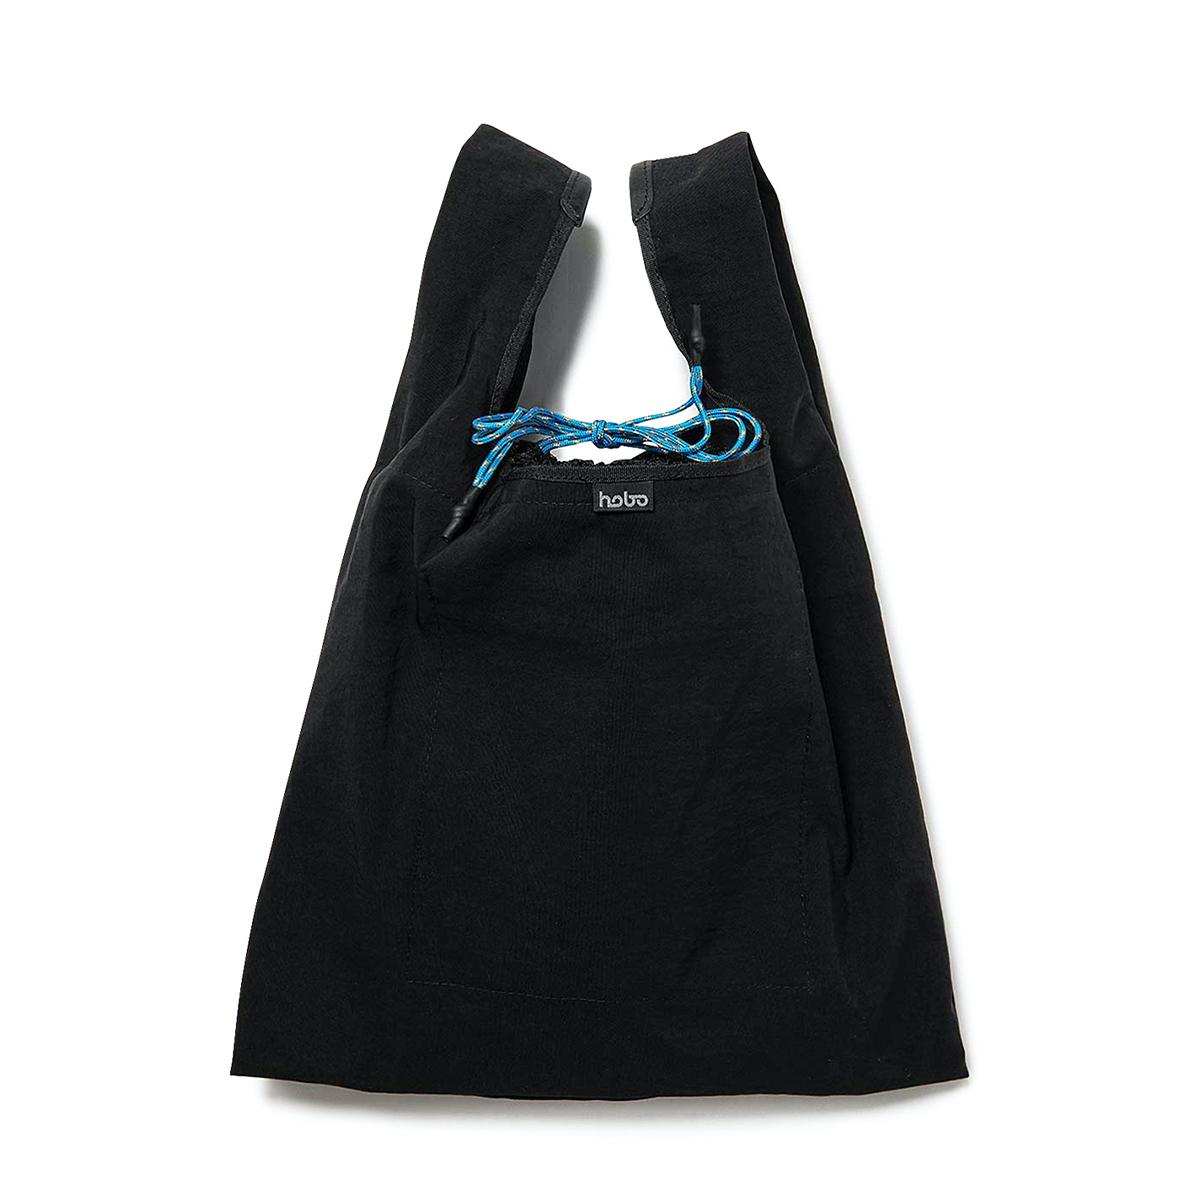 HOBO / NYLON TUSSAH CARRIER BAG (Black)